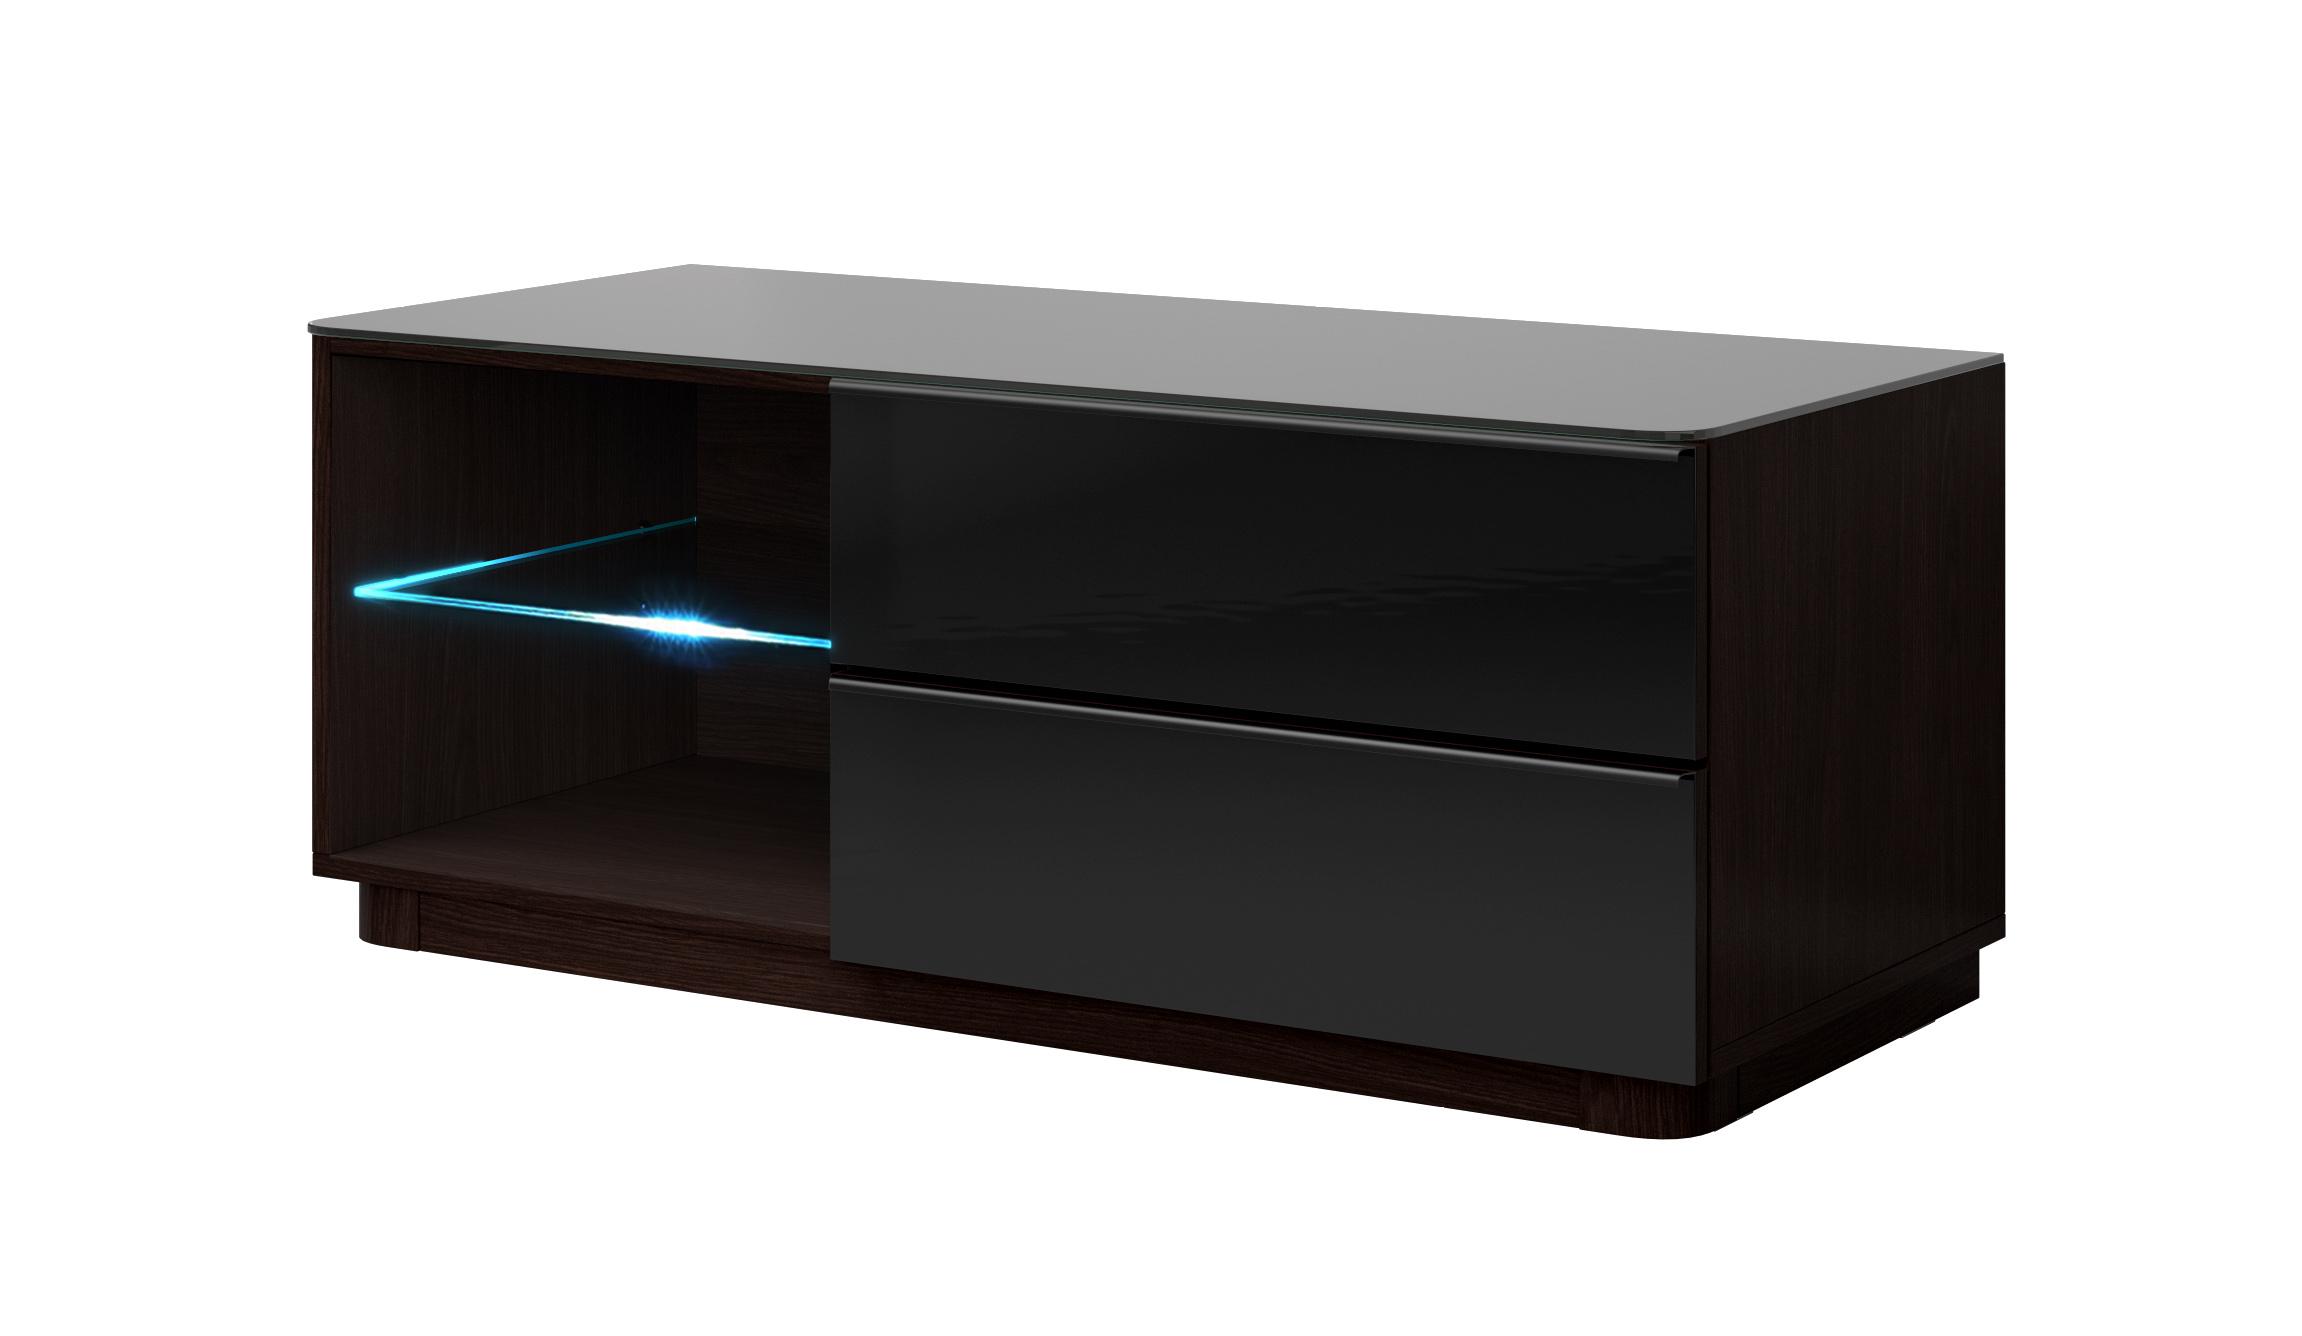 TV stolík/skrinka - Toft - Typ 41 (wenge + čierne sklo). Akcia -40%. Vlastná spoľahlivá doprava až k Vám domov.